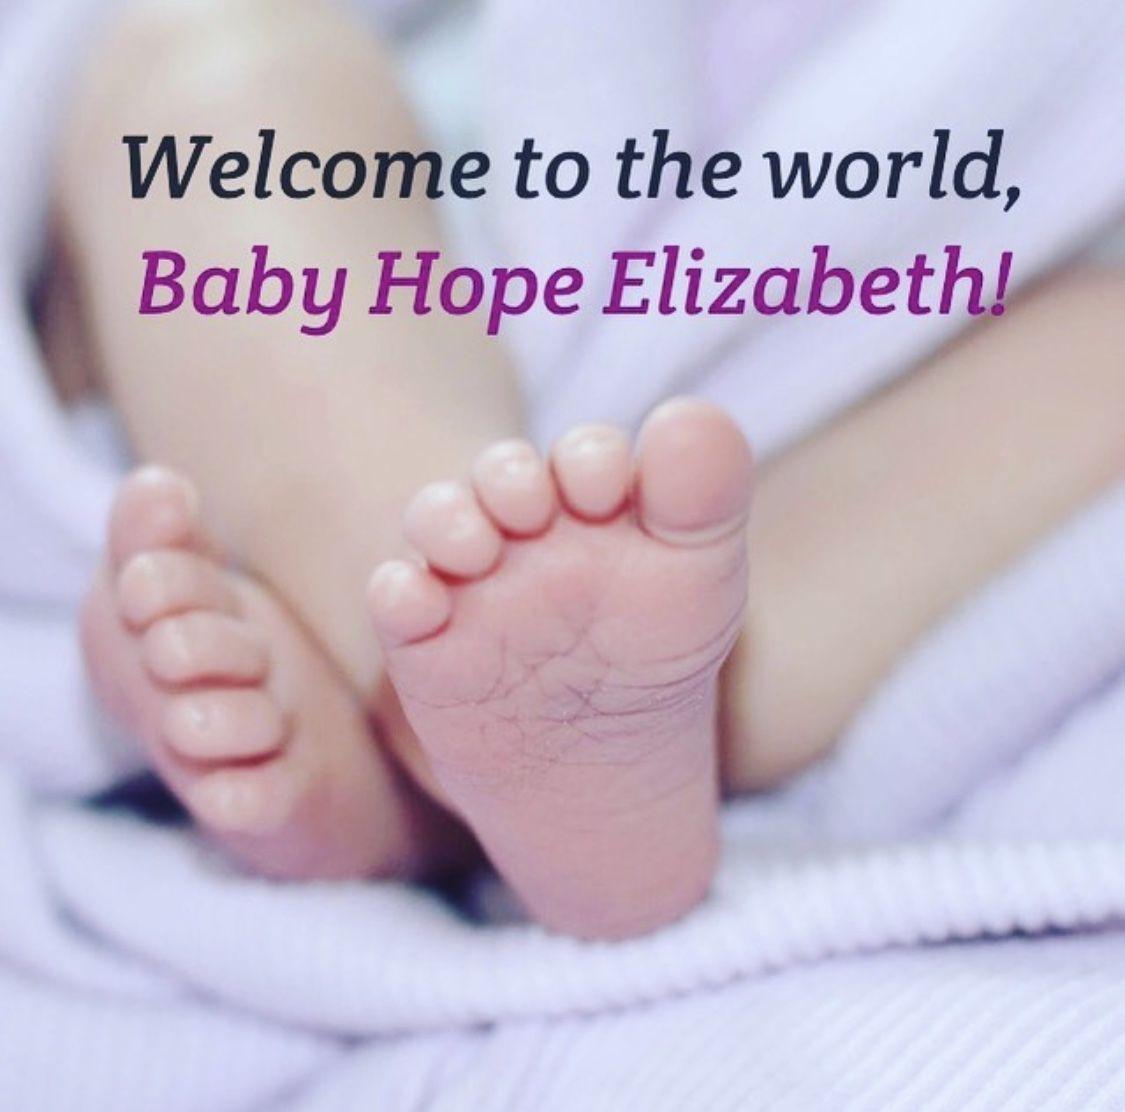 布魯曼斯坦宣佈女兒出生。 圖片來自布魯曼斯坦社交媒體